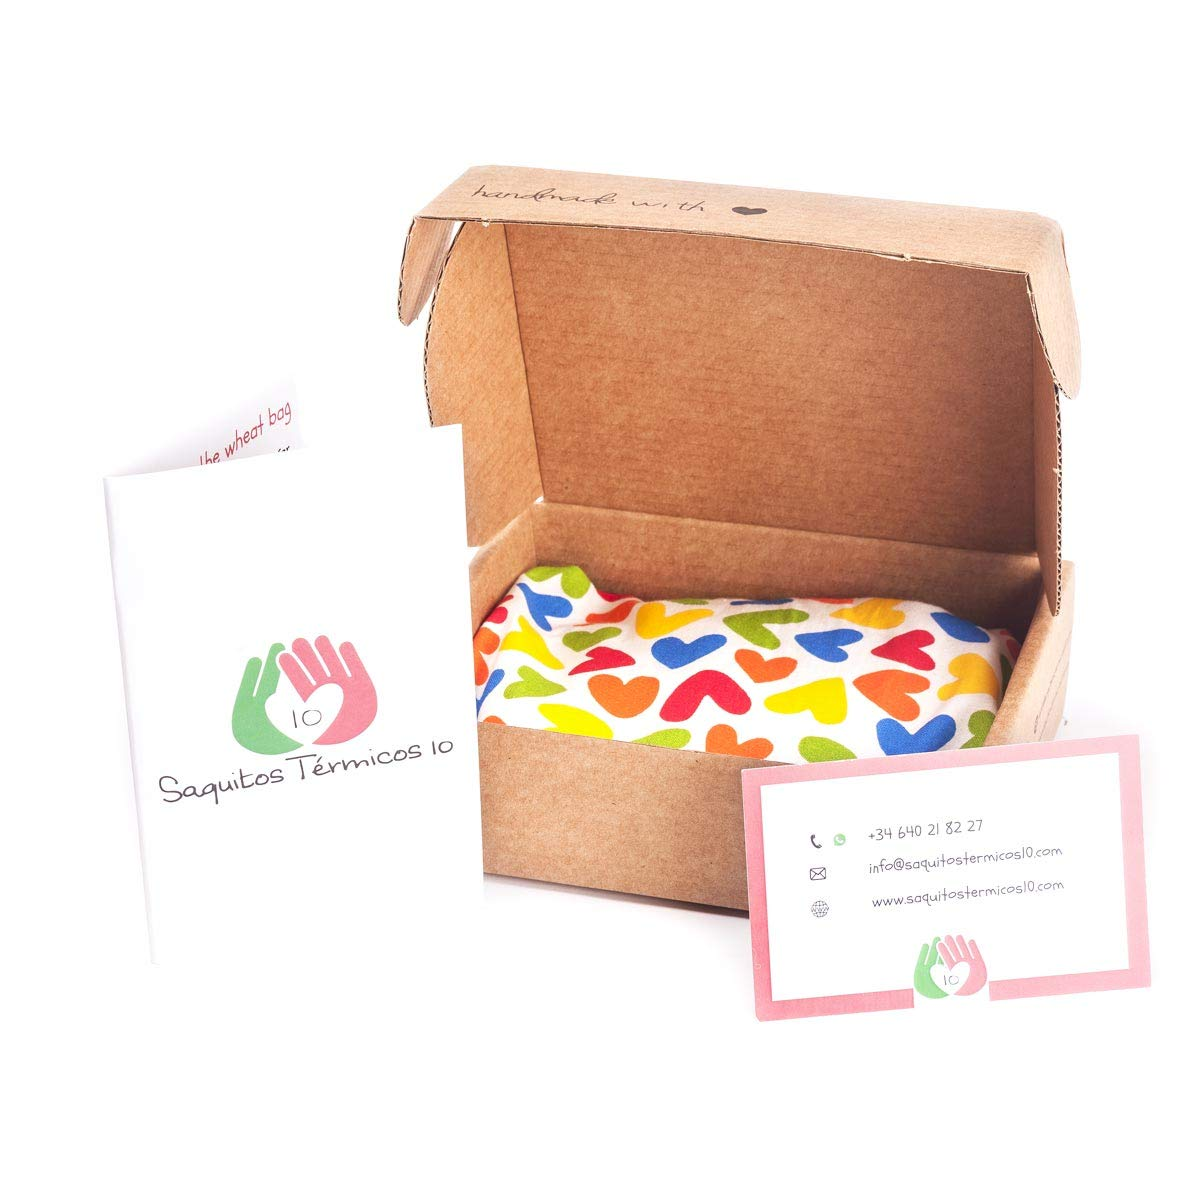 Saco térmico anticólicos para bebés (15x10 cm) Cojín de semillas para microondas hecho con tela de algodón 100%, con funda lavable y suave olor a ...